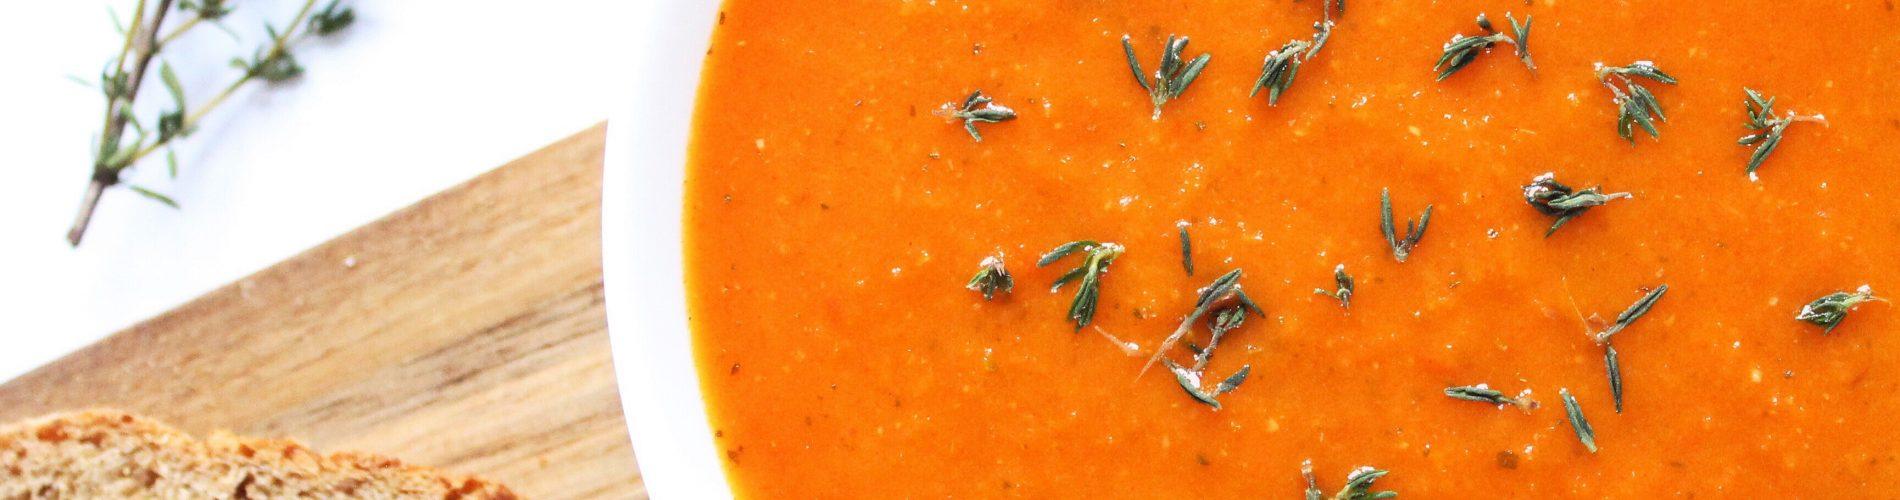 Soep | tomatensoep